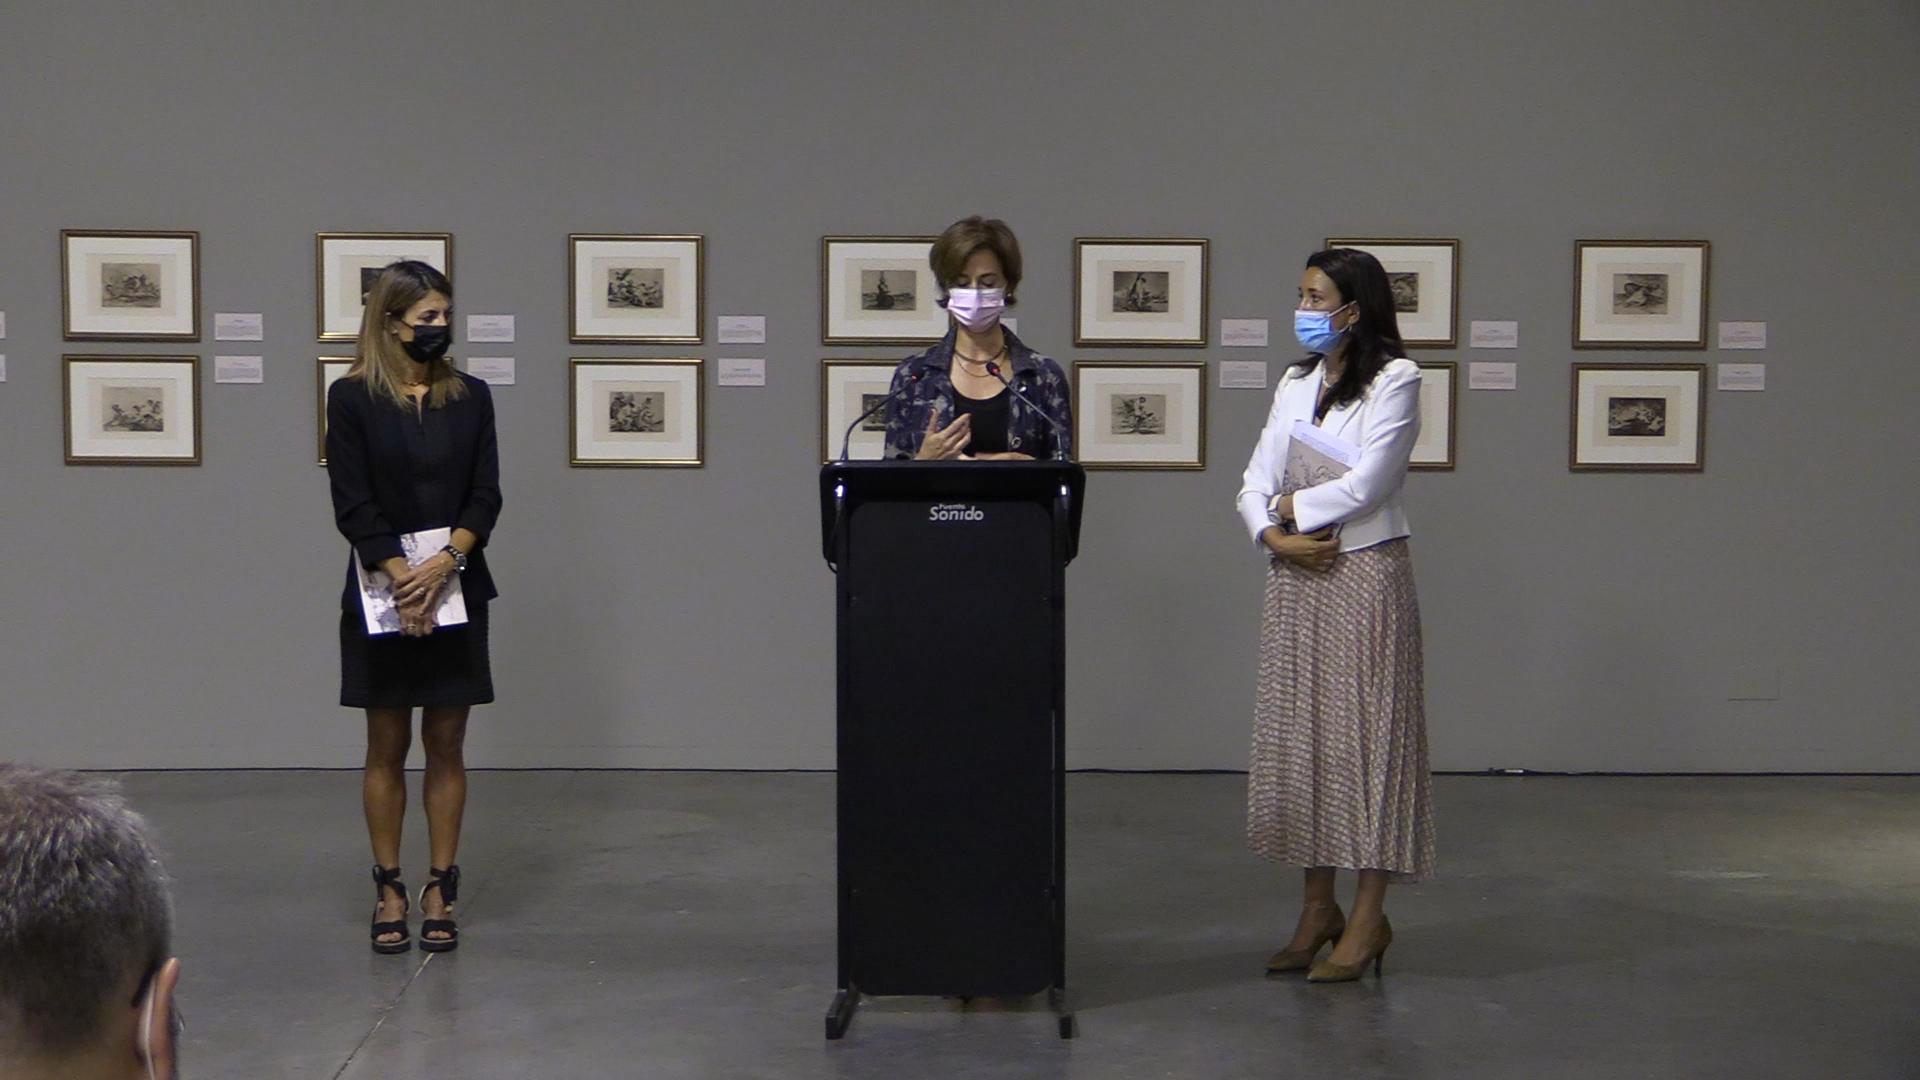 Fundaciones Cajacírculo e Ibercaja presentan la exposición de grabados de Goya Los desastres de la Guerra